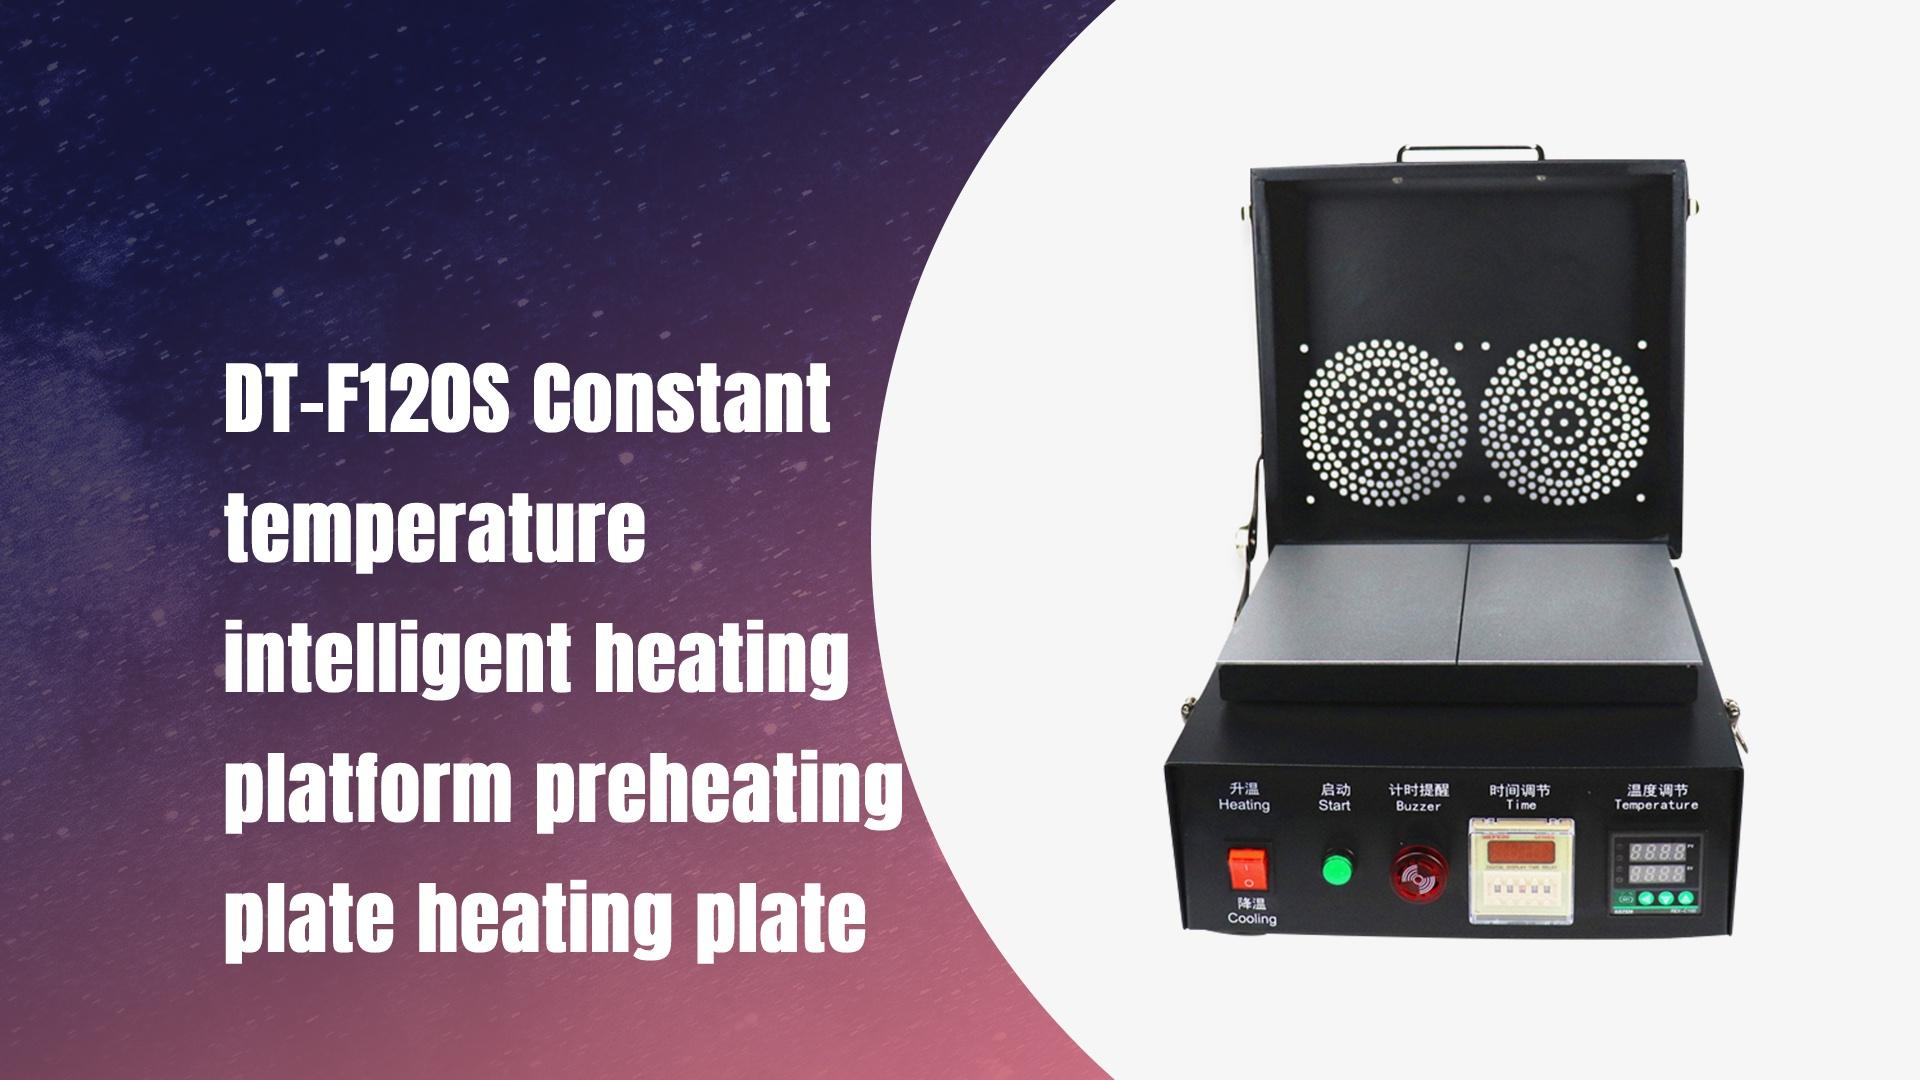 DT-F120S Suhu malar Platform pemanasan pintar Plat plat pemanasan plat